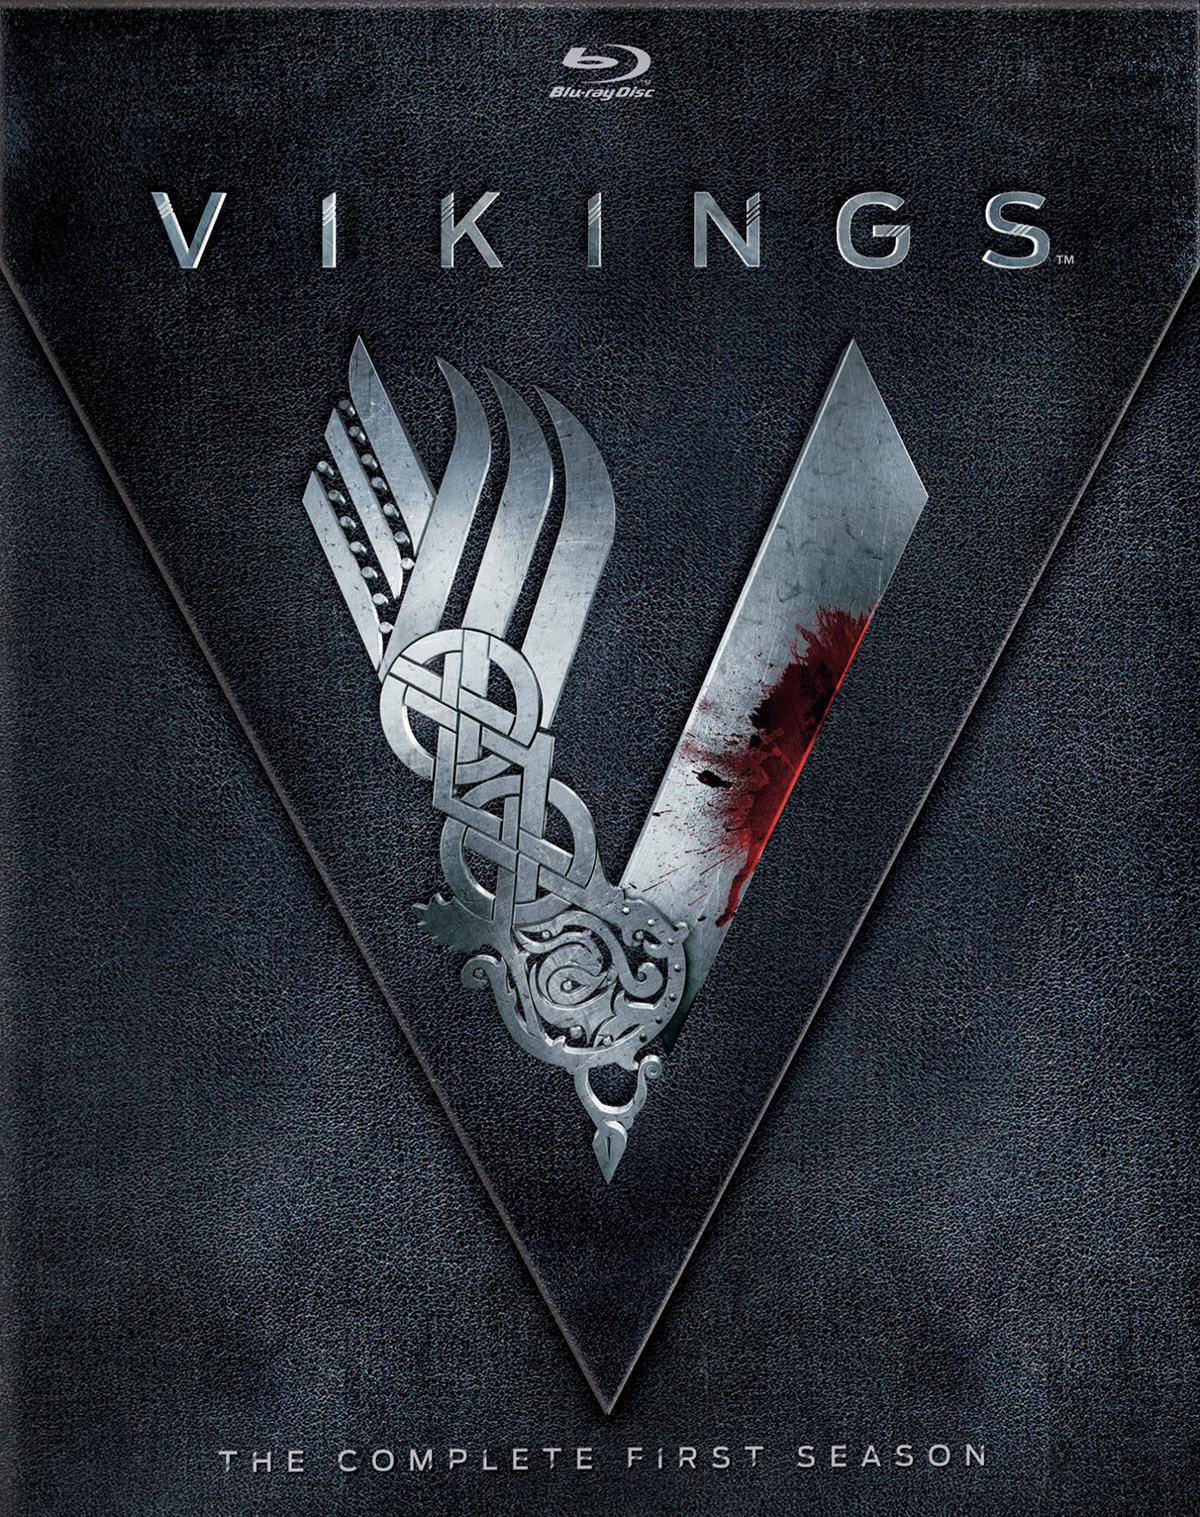 Vikings S01e06 720p